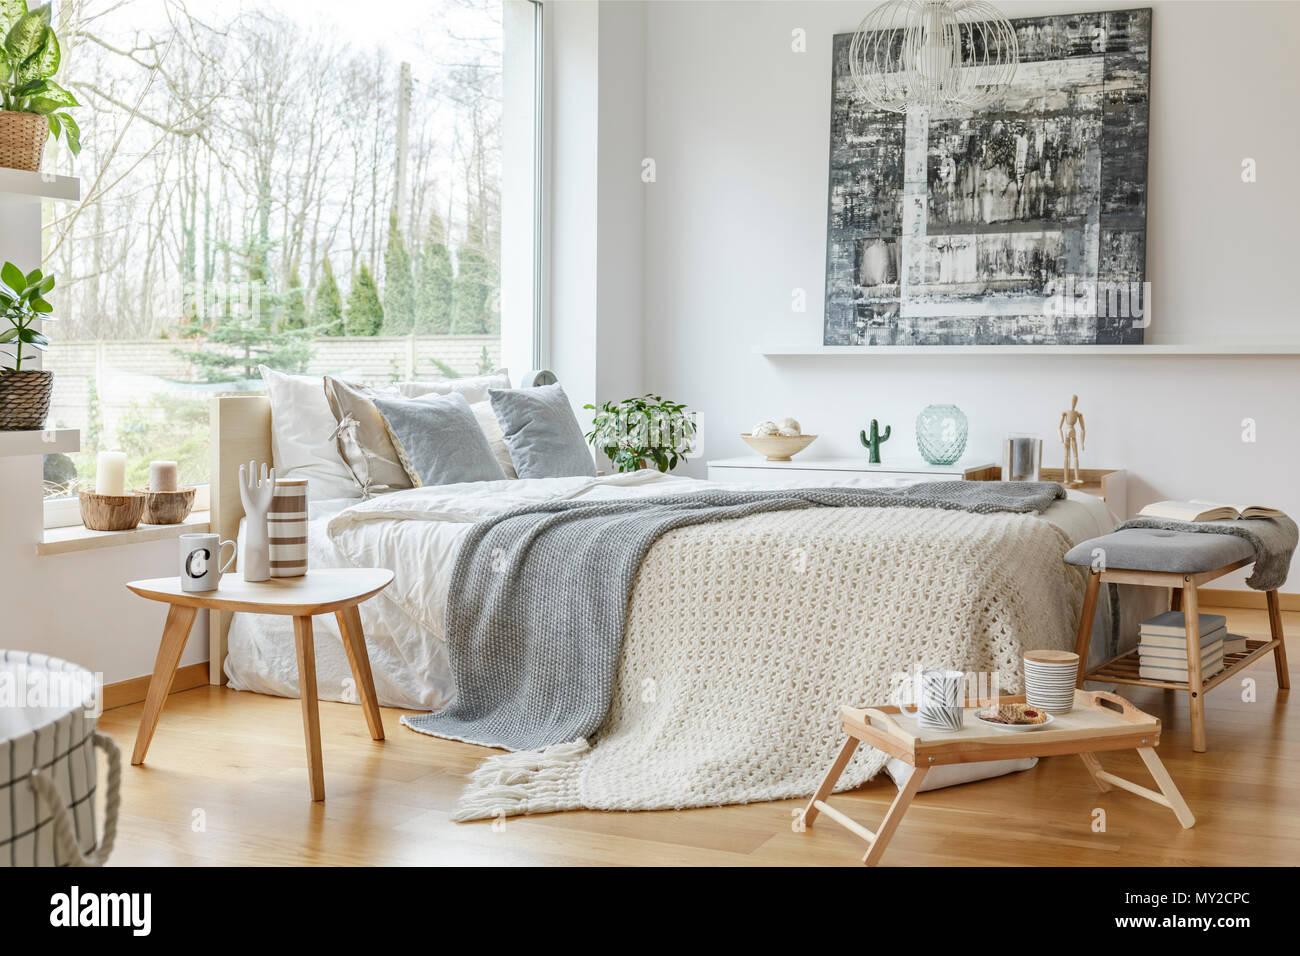 Ein Grosses Bett Mit Grau Kissen Gemalde An Der Wand Grosse Fenster Und Holzboden Im Gemutlichen Schlafzimmer Innenraum Stockfotografie Alamy